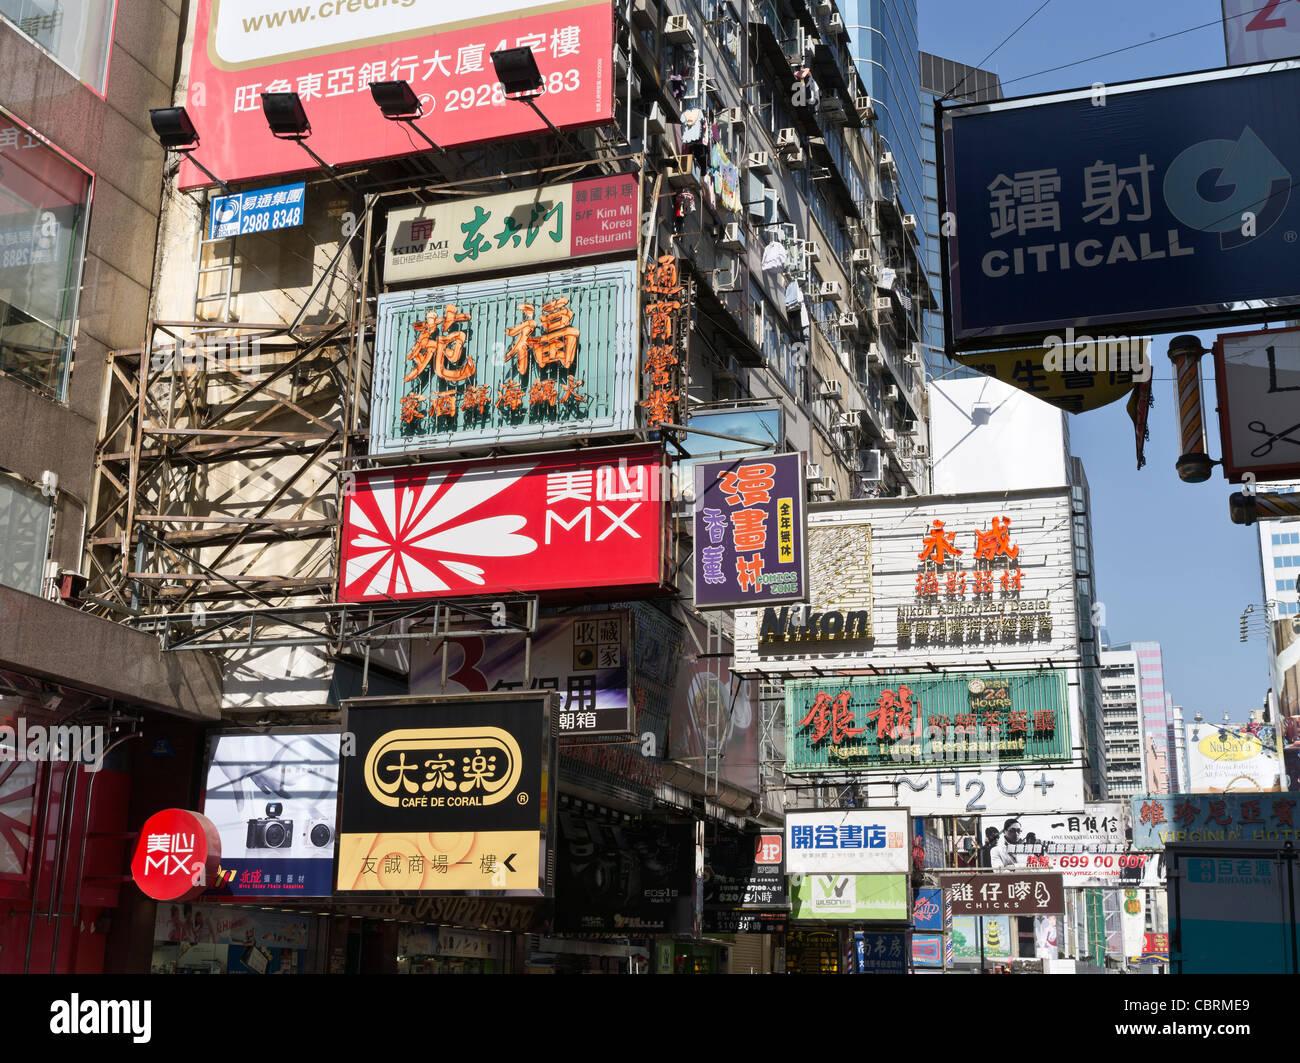 Dh Mong Kok Hong Kong Chinese Billboards Calligraphy